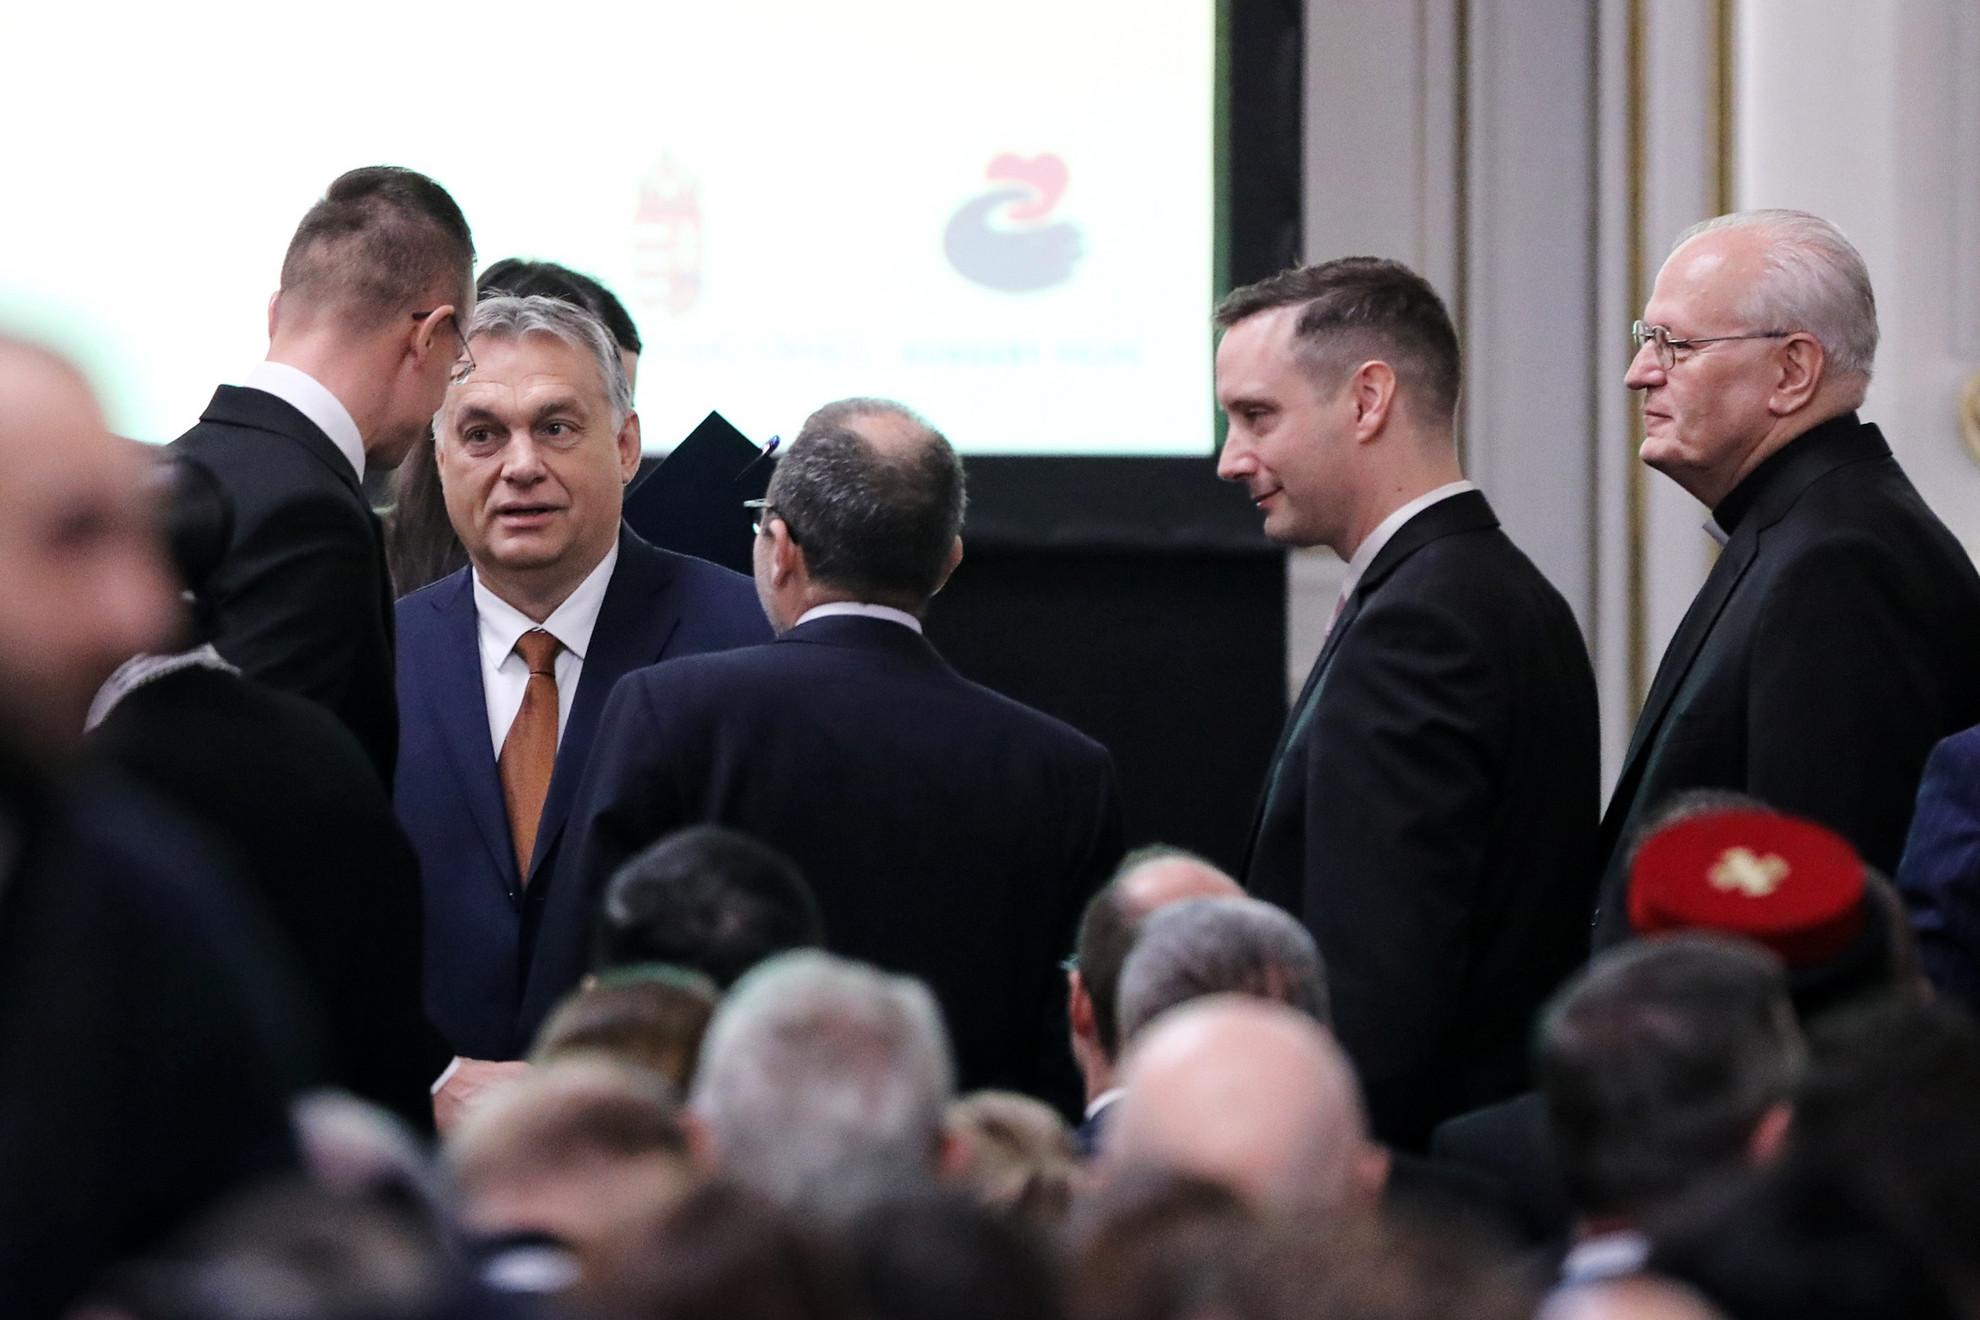 Az esemény fő résztvevői Orbán Viktor miniszterelnök,Matthew Hassan Kukah, nigériai püspök, és III. Gewargis, az Asszír keleti egyház pátriárkája lesz